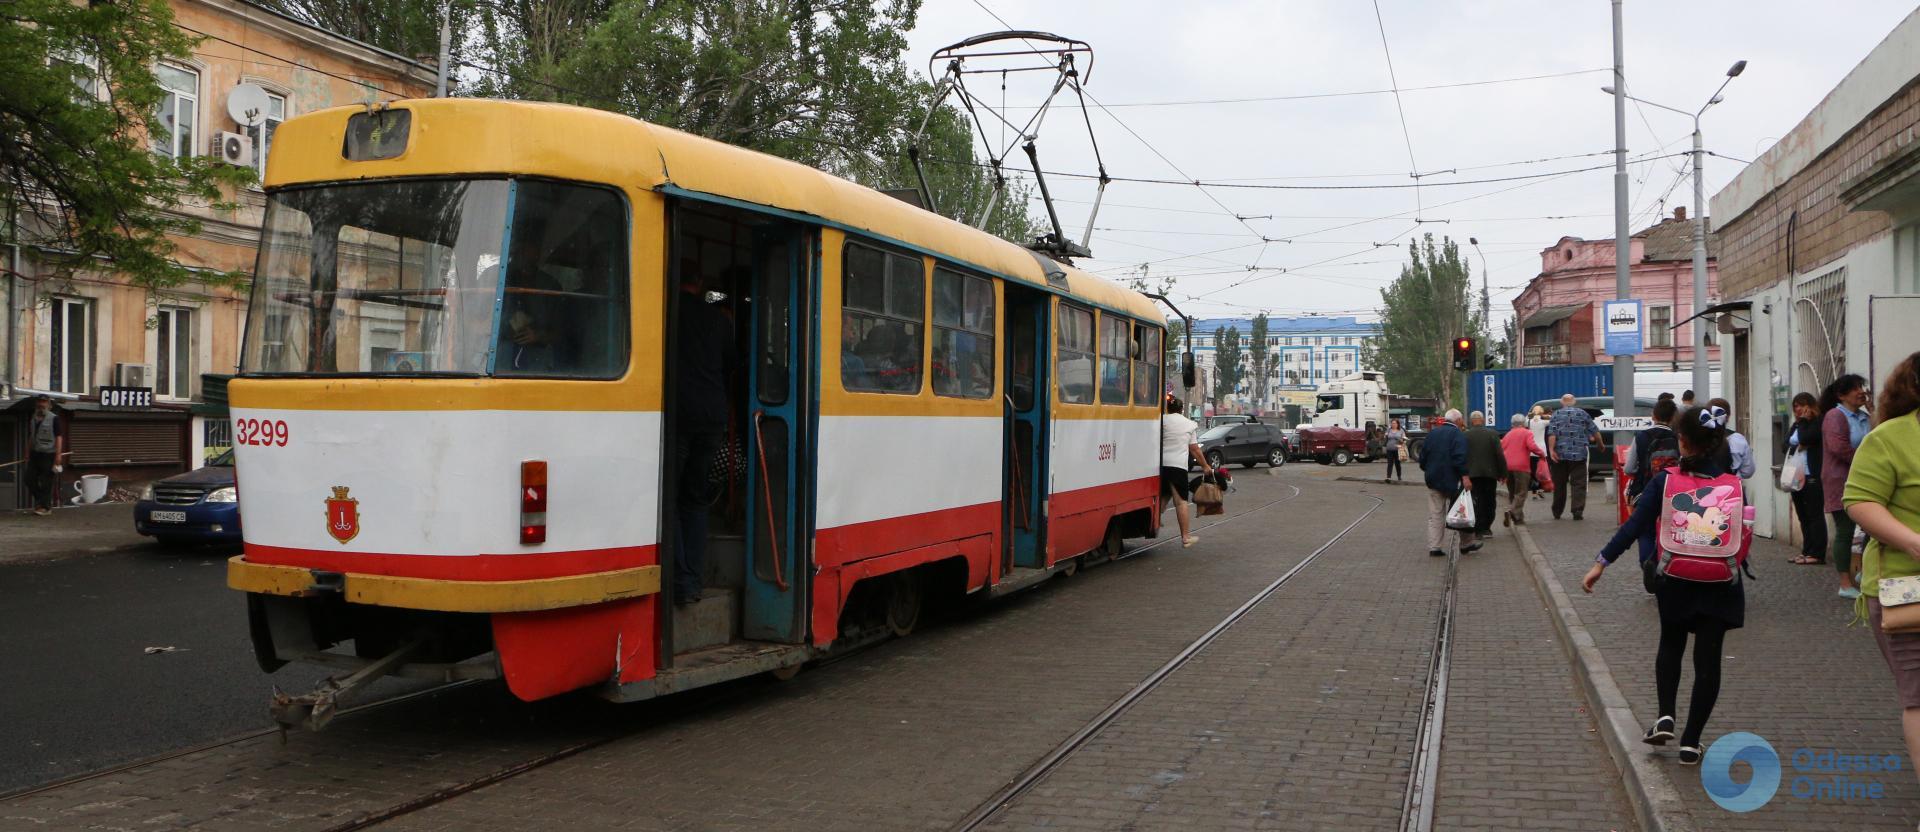 Одесса: на Одария оборудовали остановку и переходы с учетом интересов незрячих